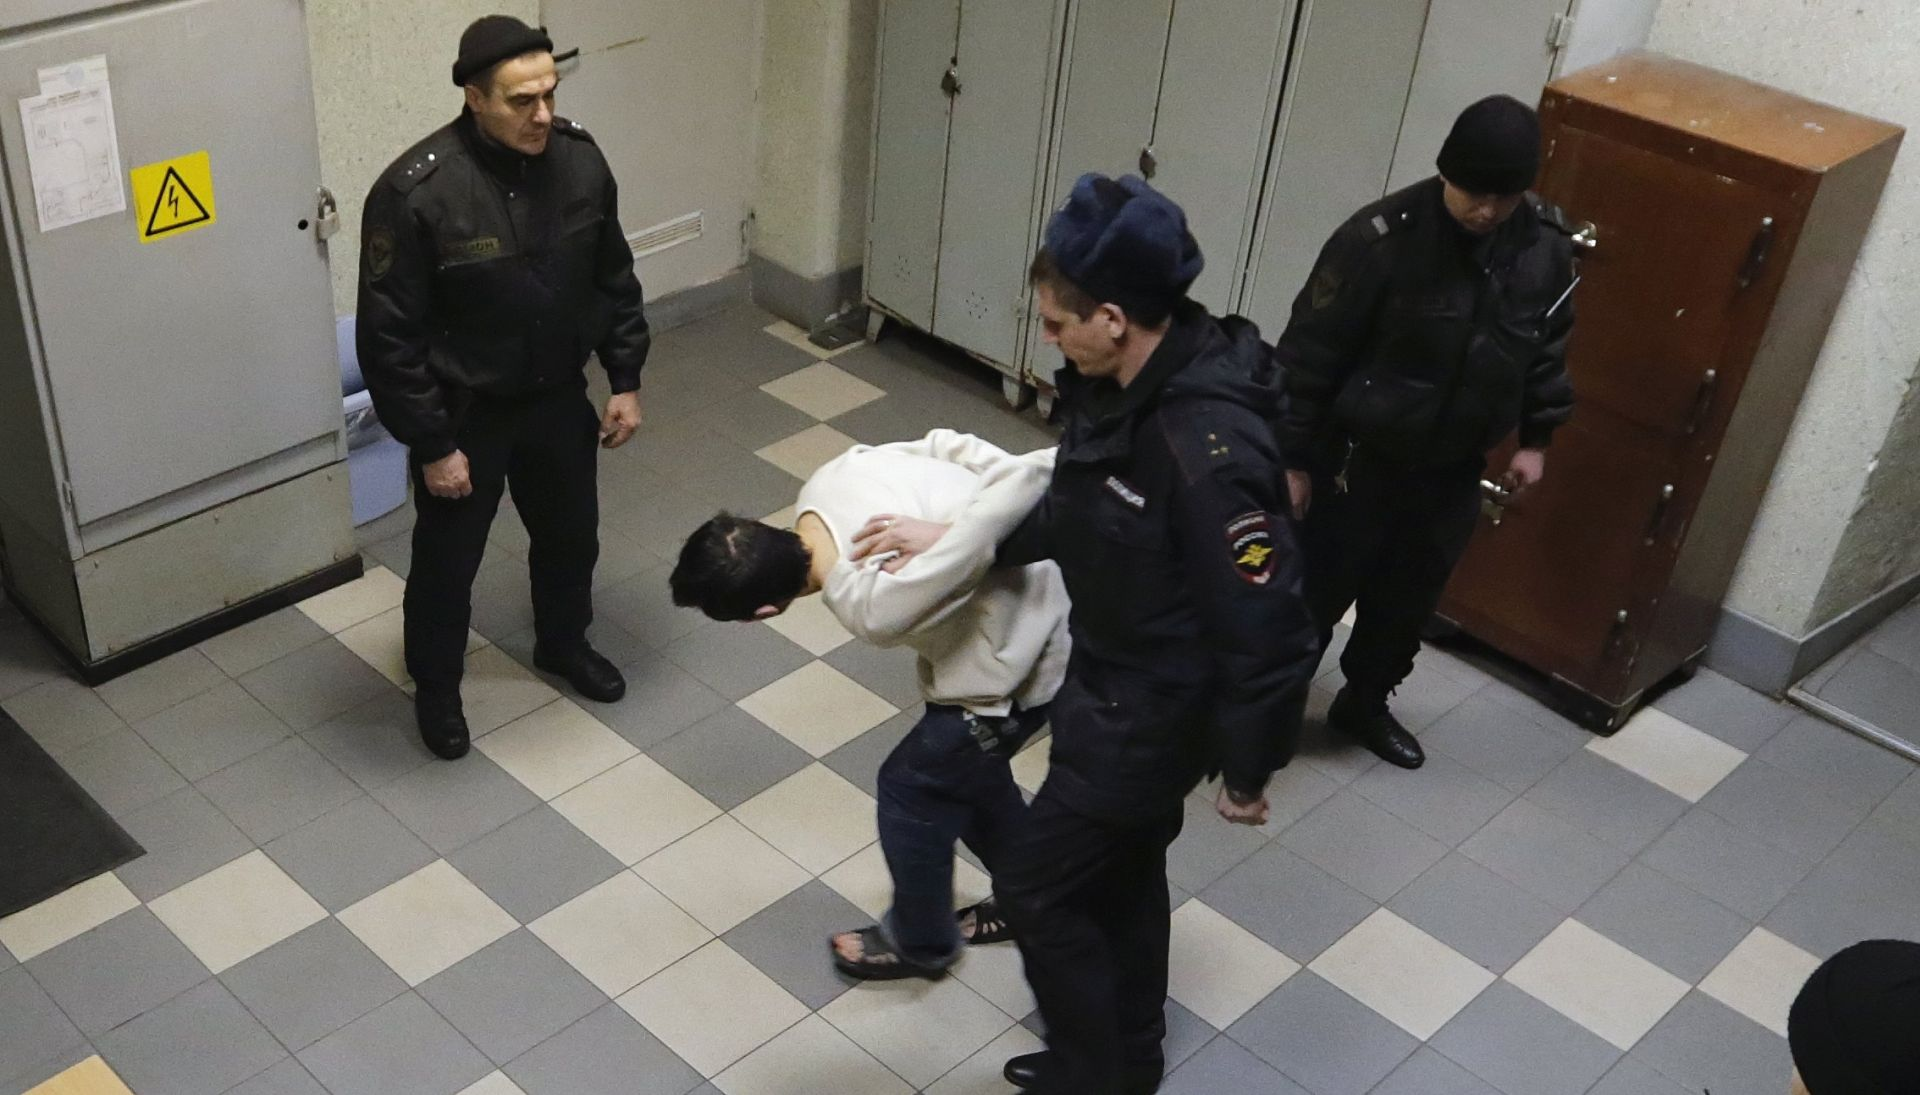 Trojica osumnjičenika za napad u Sankt Peterburgu optužena za terorizam